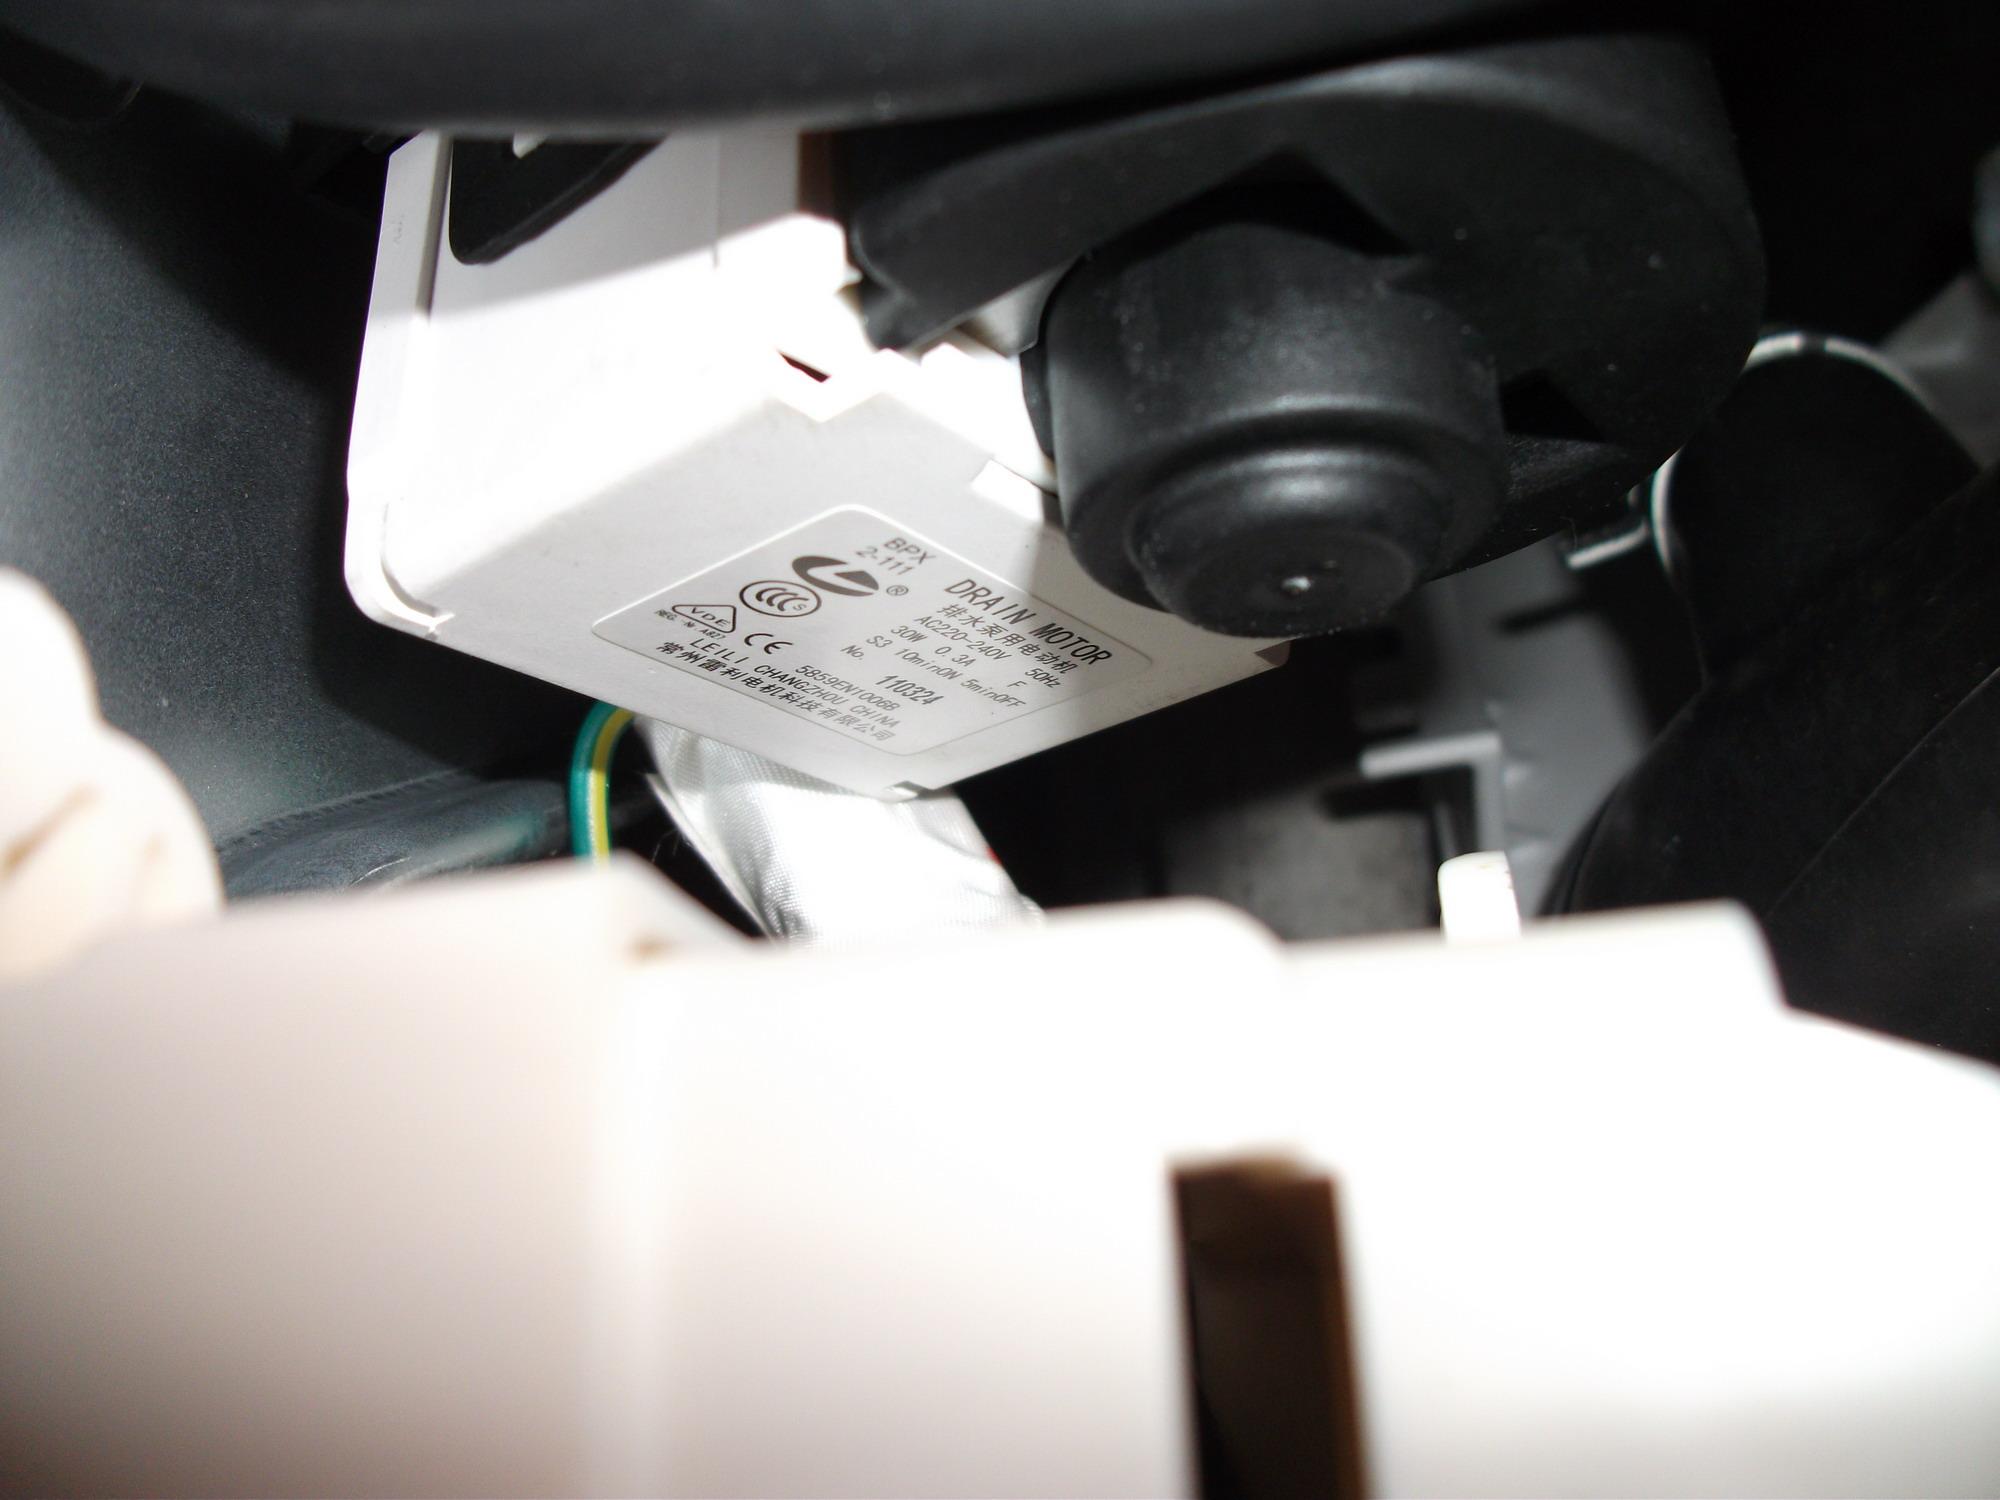 инструкции к стиральной машине горение w1331